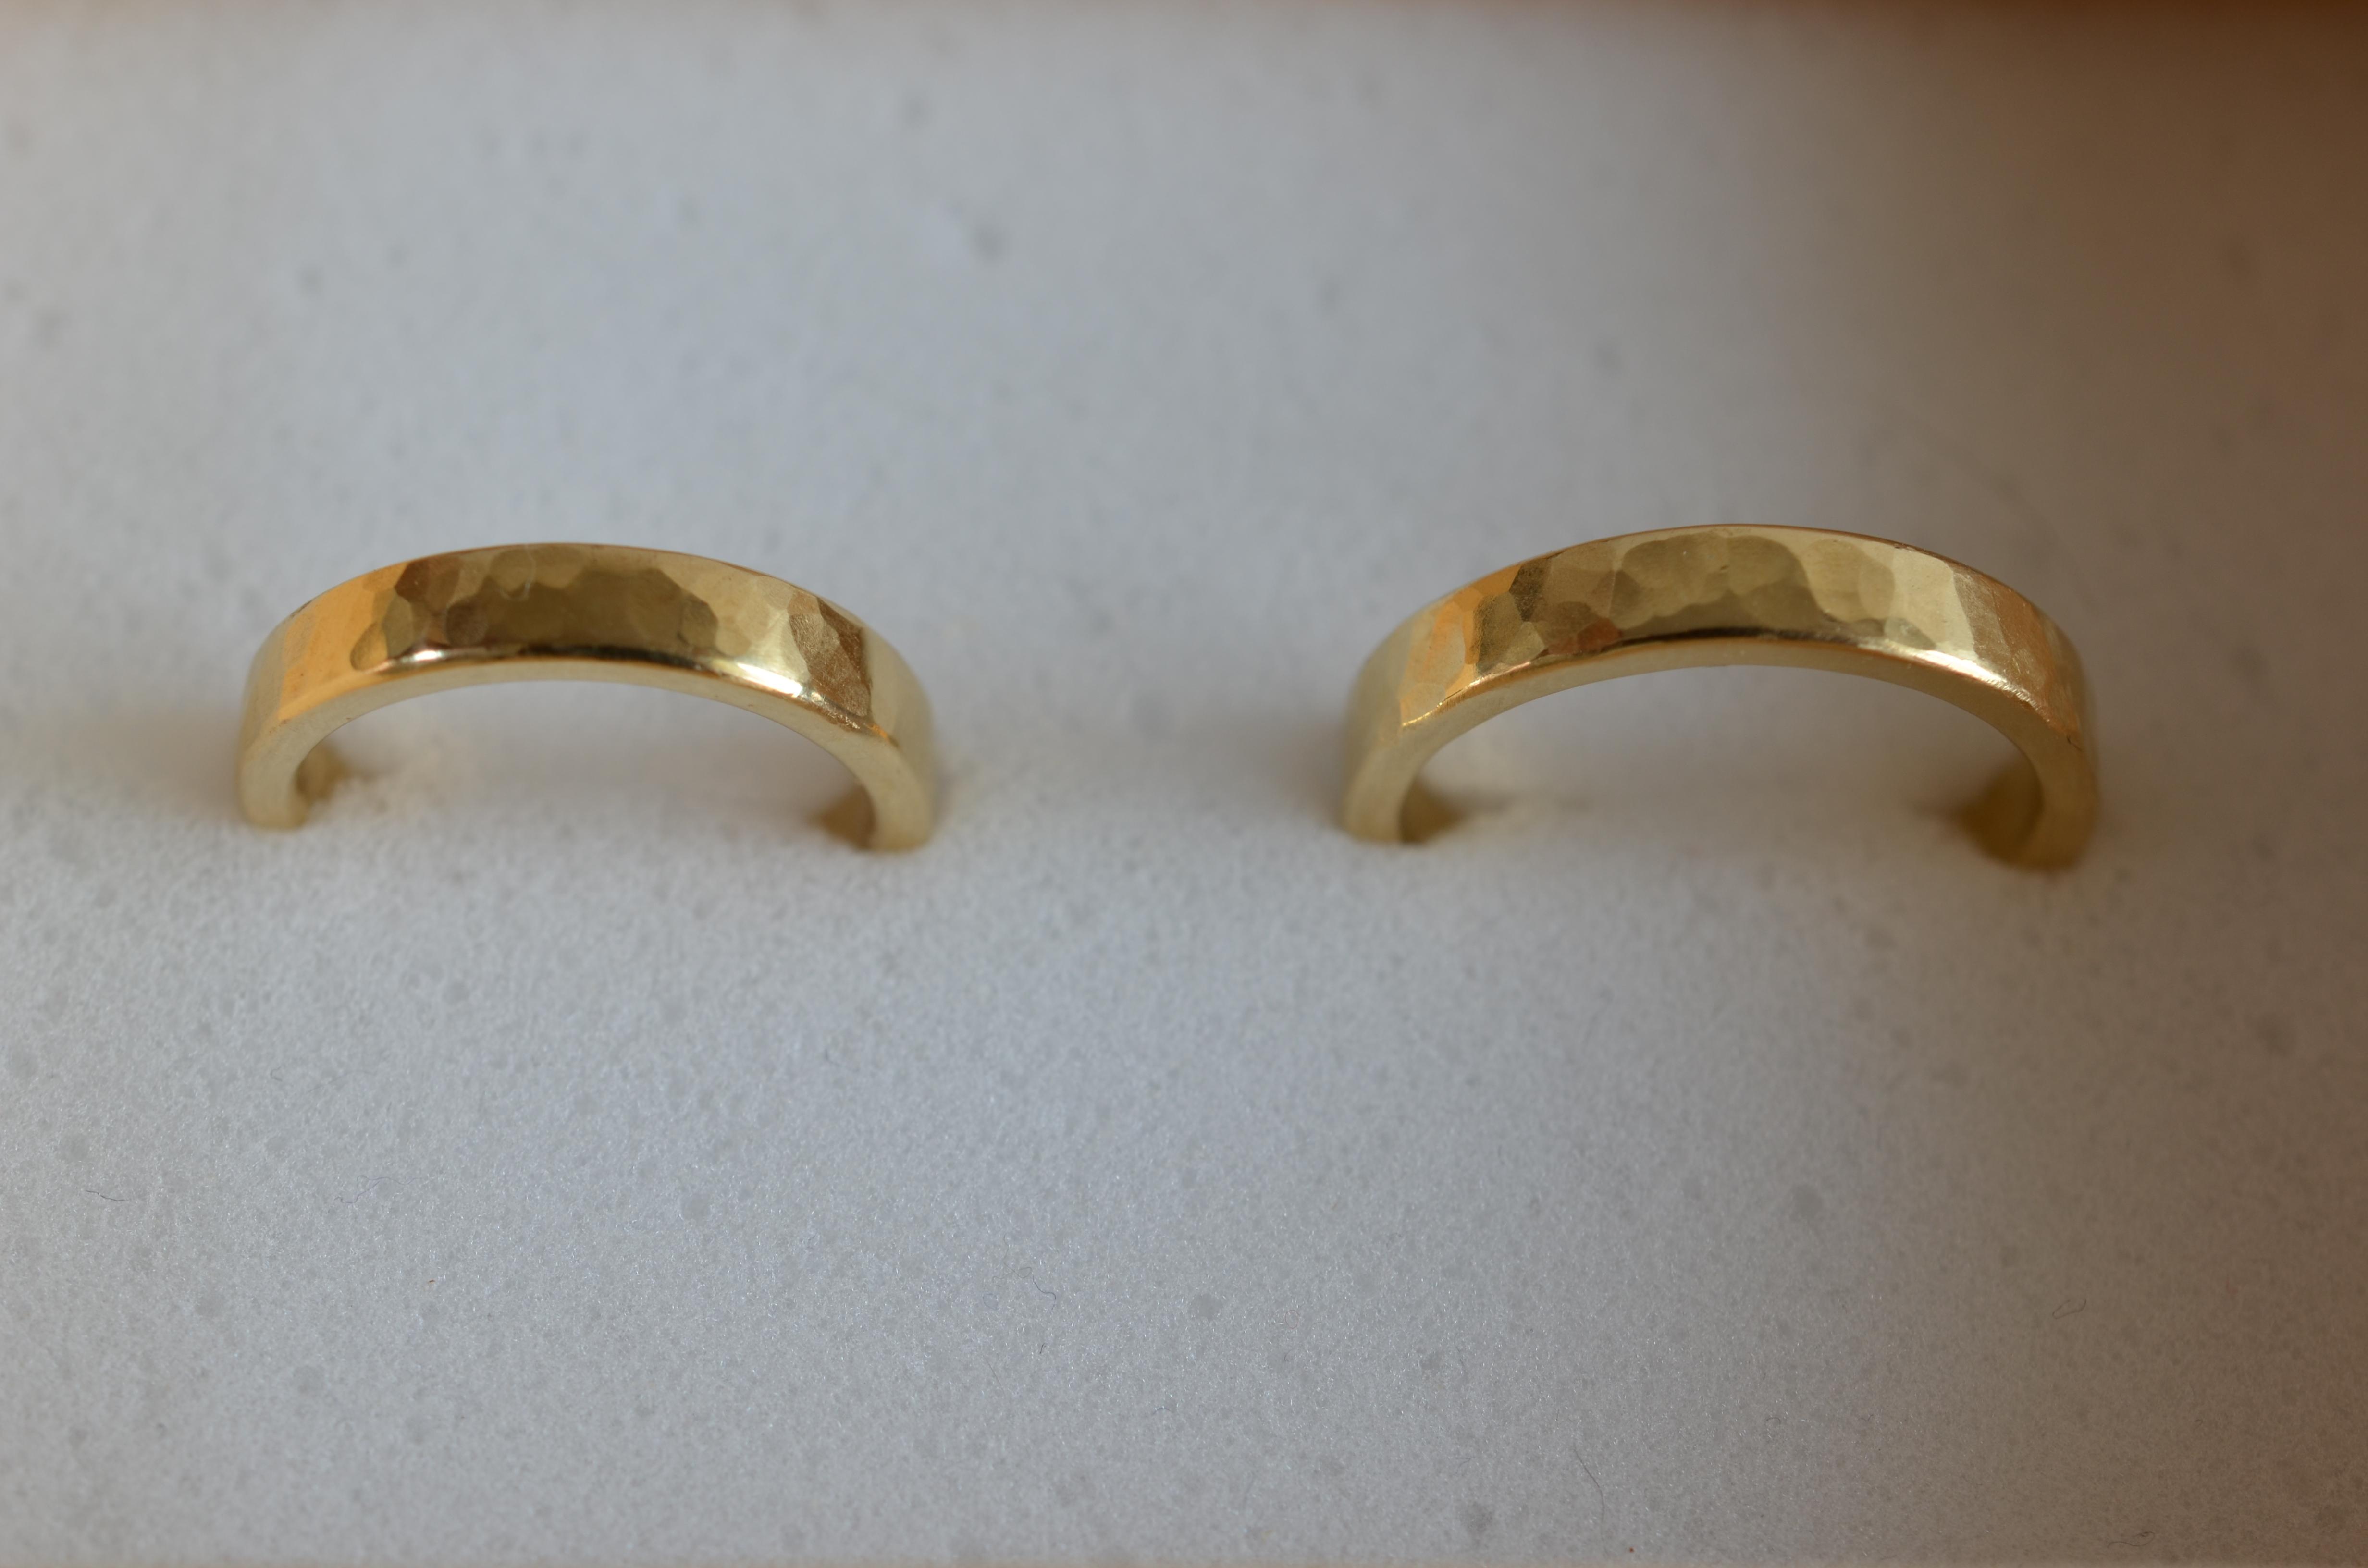 結婚指輪 K18 / 平角 / 鎚目仕上げ